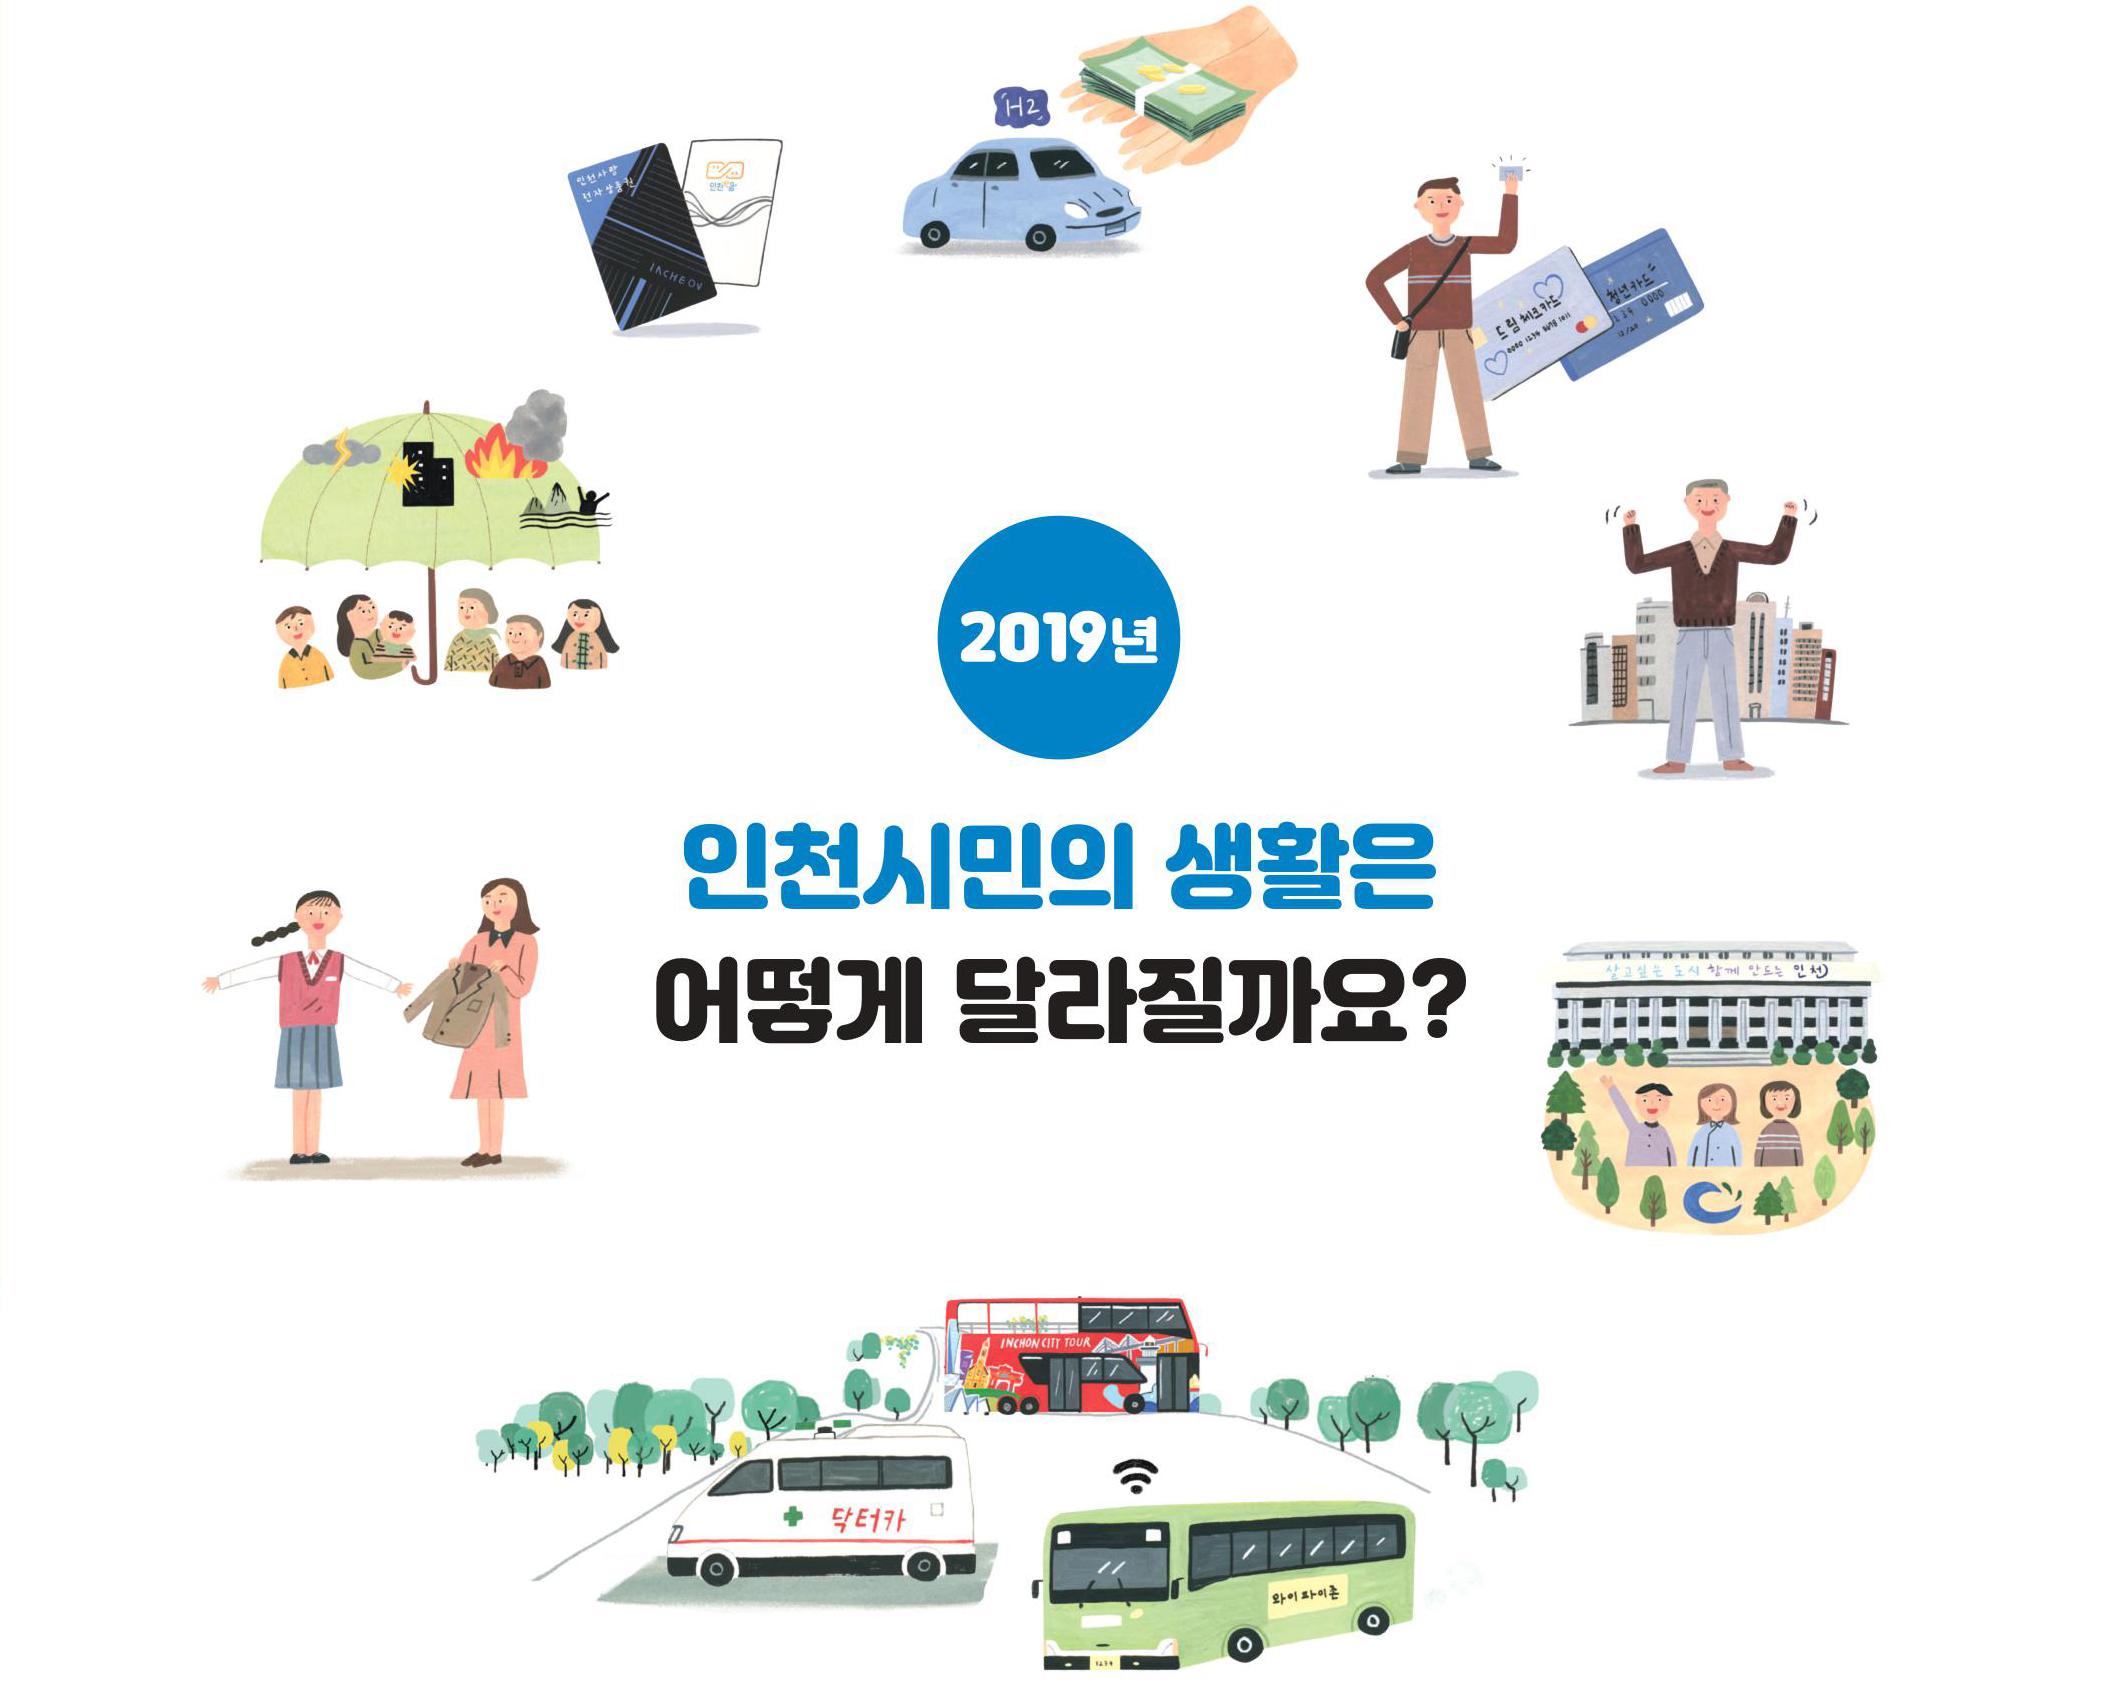 2019년-인천-달라지는것들